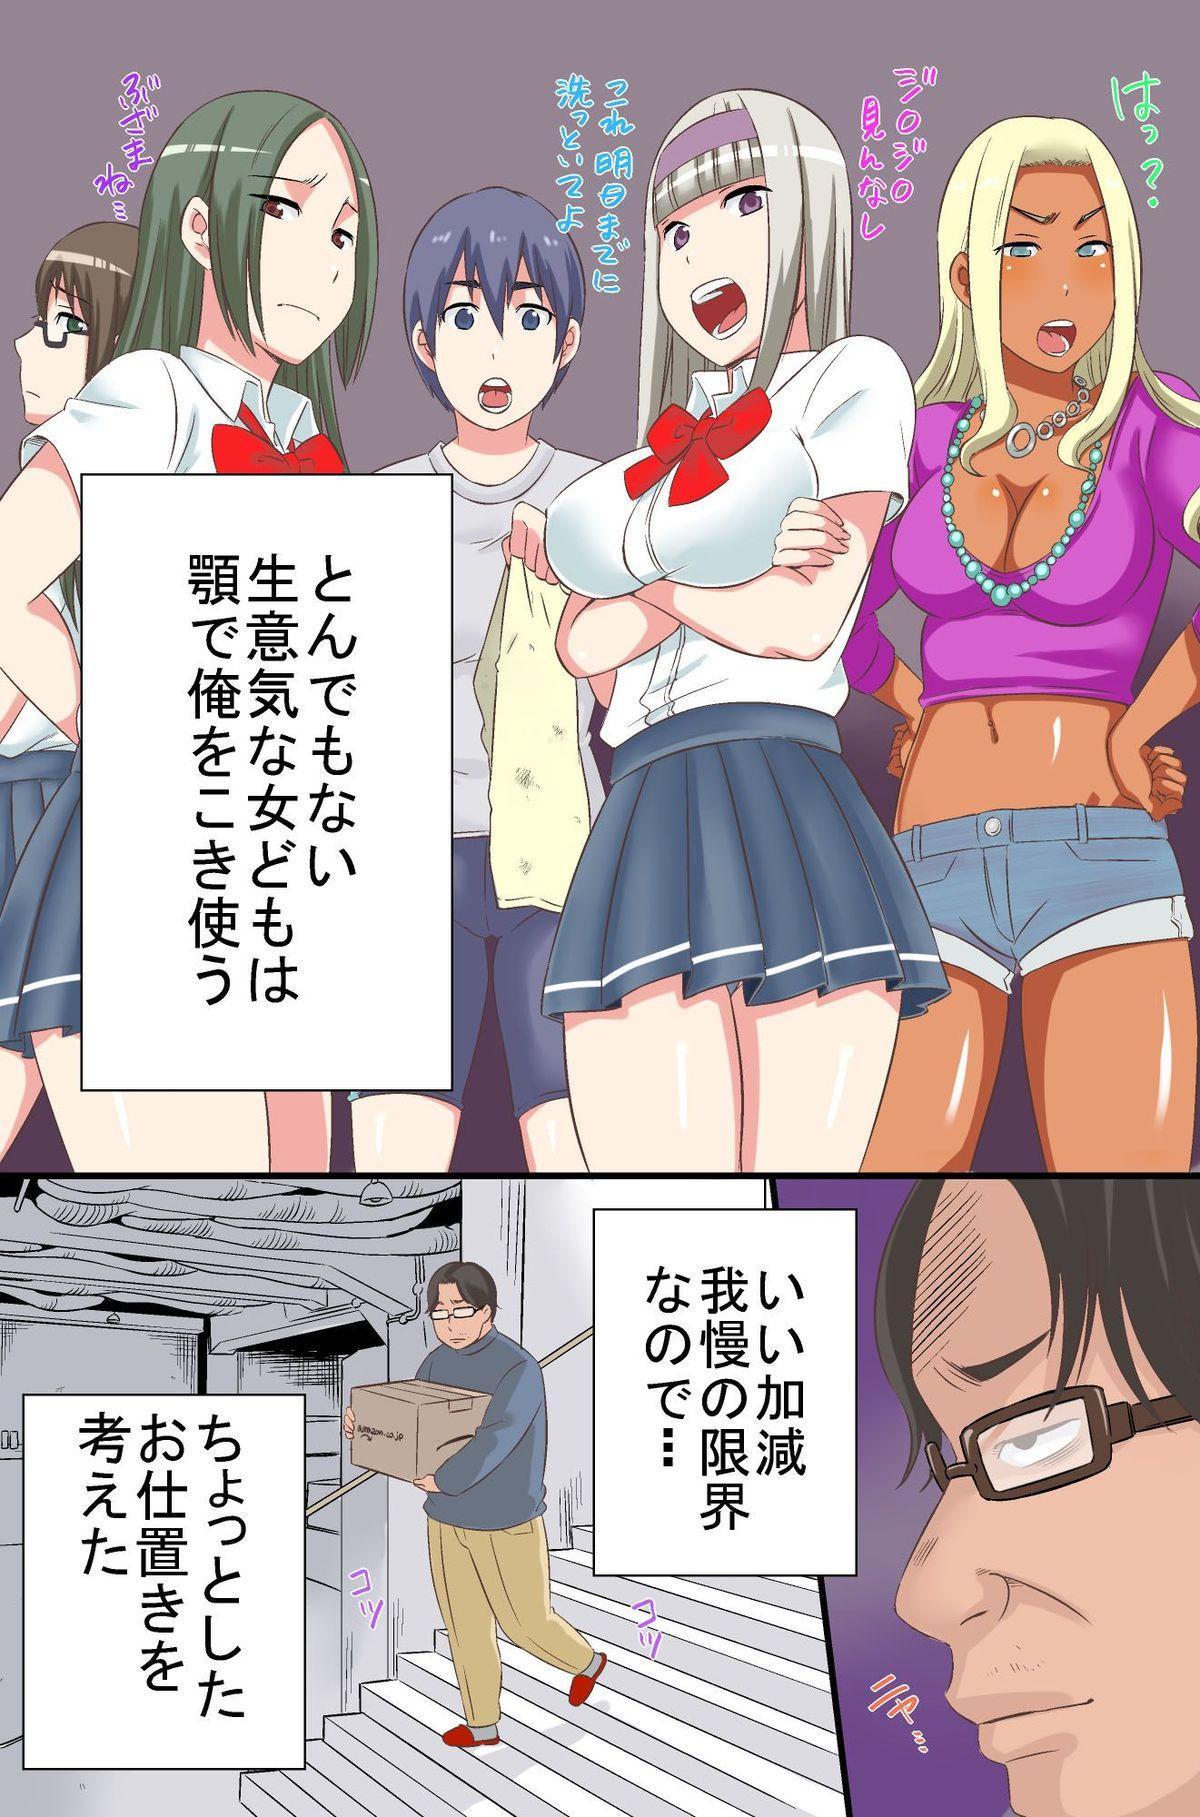 [rbooks (kumikouj)] Joshiryou no Onna-tachi ga Zombie-ka shita no de Hokaku shite Okashimakutte Ore dake no Juujun Pet ni Shite mita 2